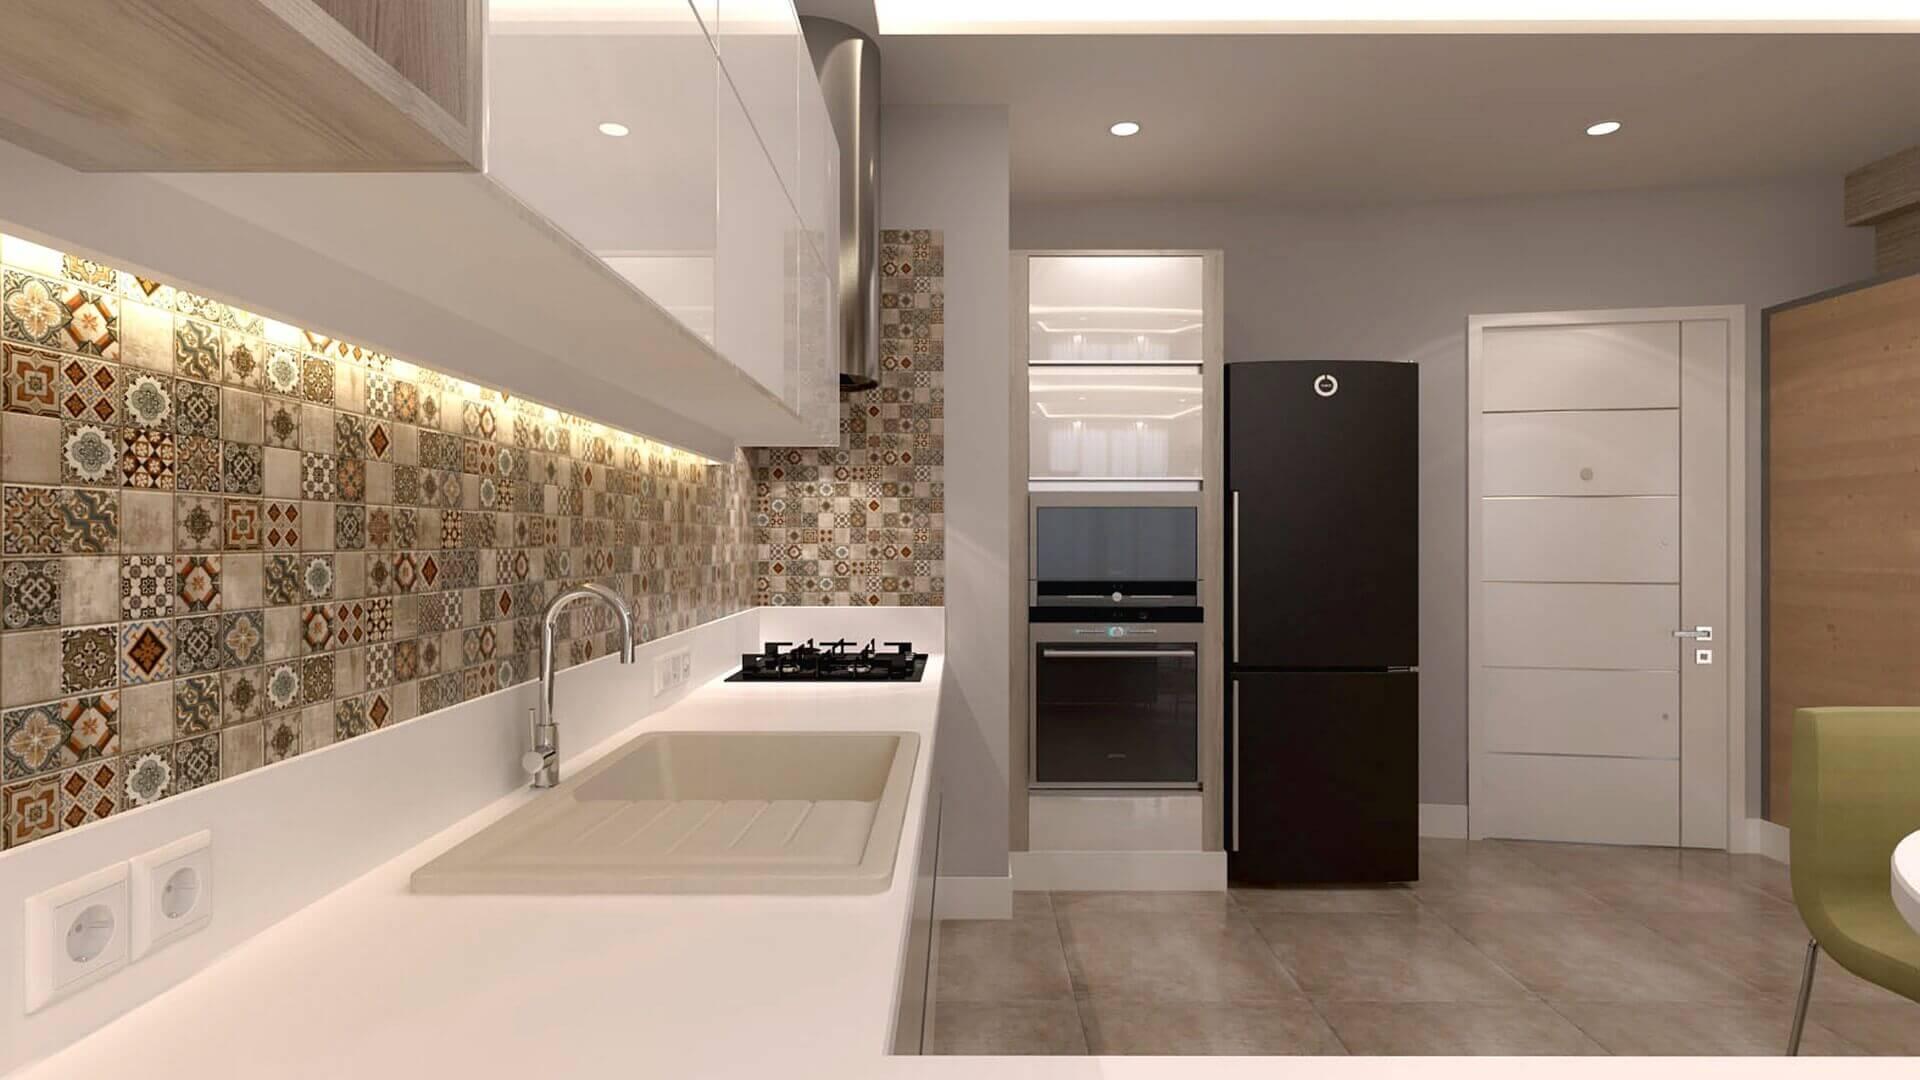 Lüks villa dizayn 3351 F. Külahçı Dairesi Konutlar